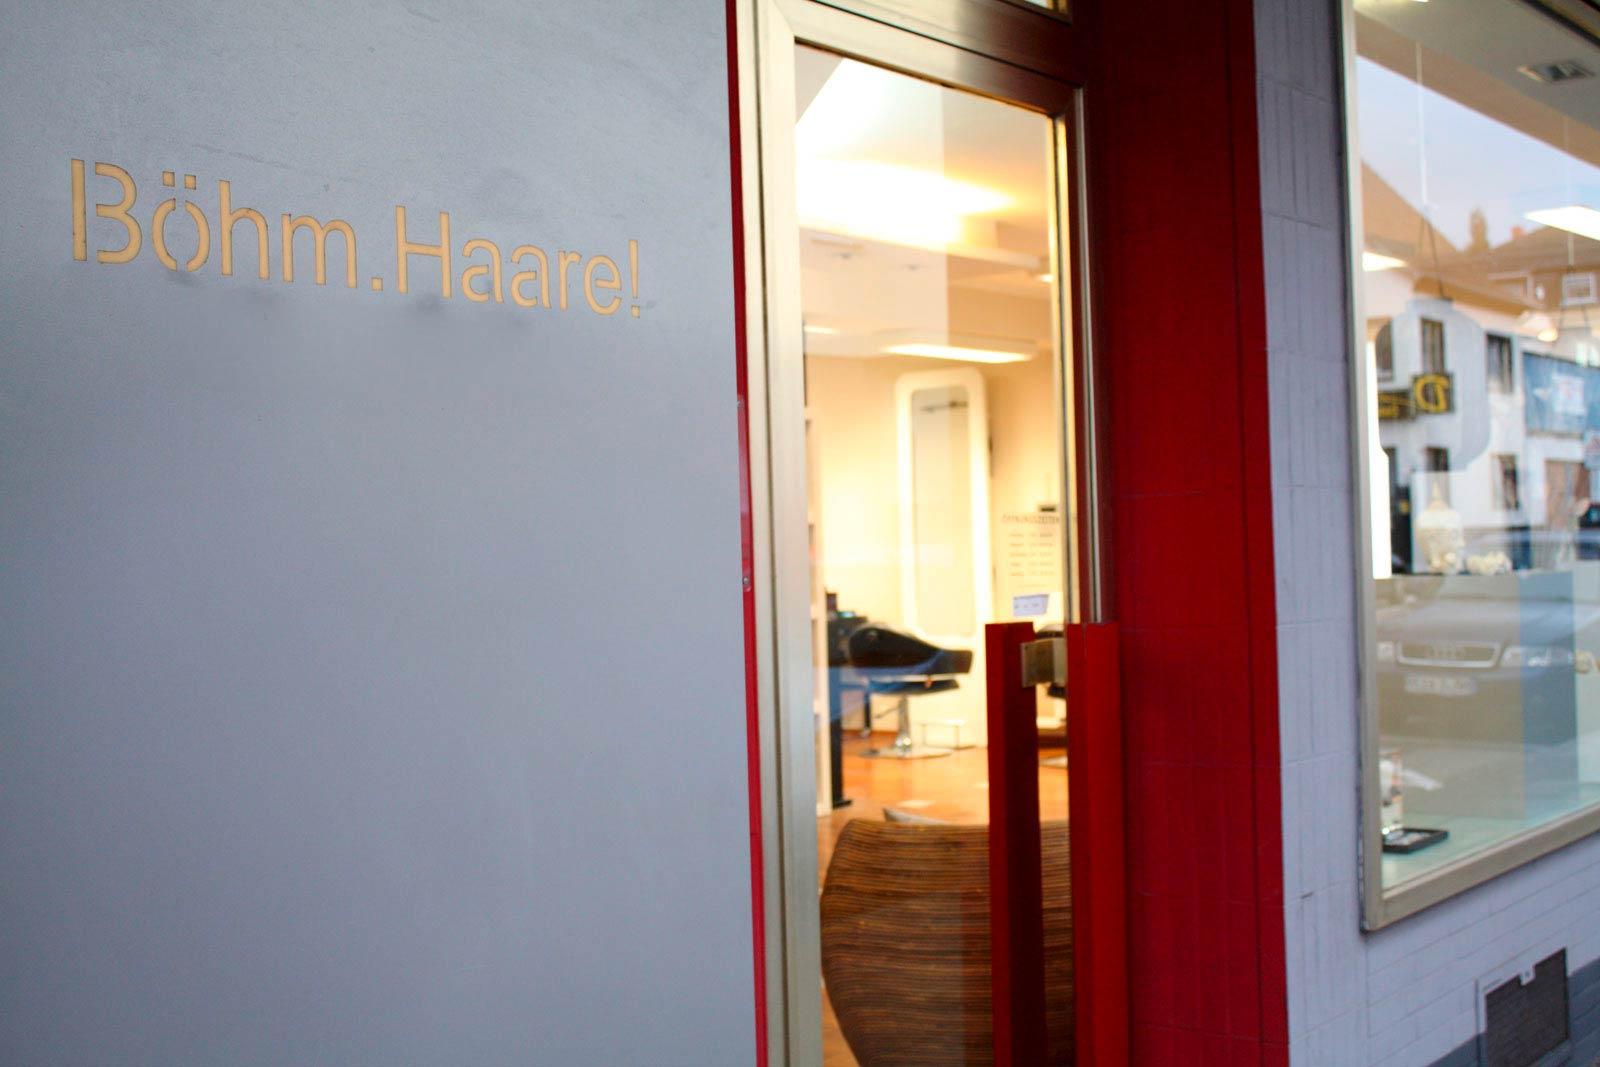 Boehm Haare Premiumcoiffure Friseur Neuwied Eingang 3